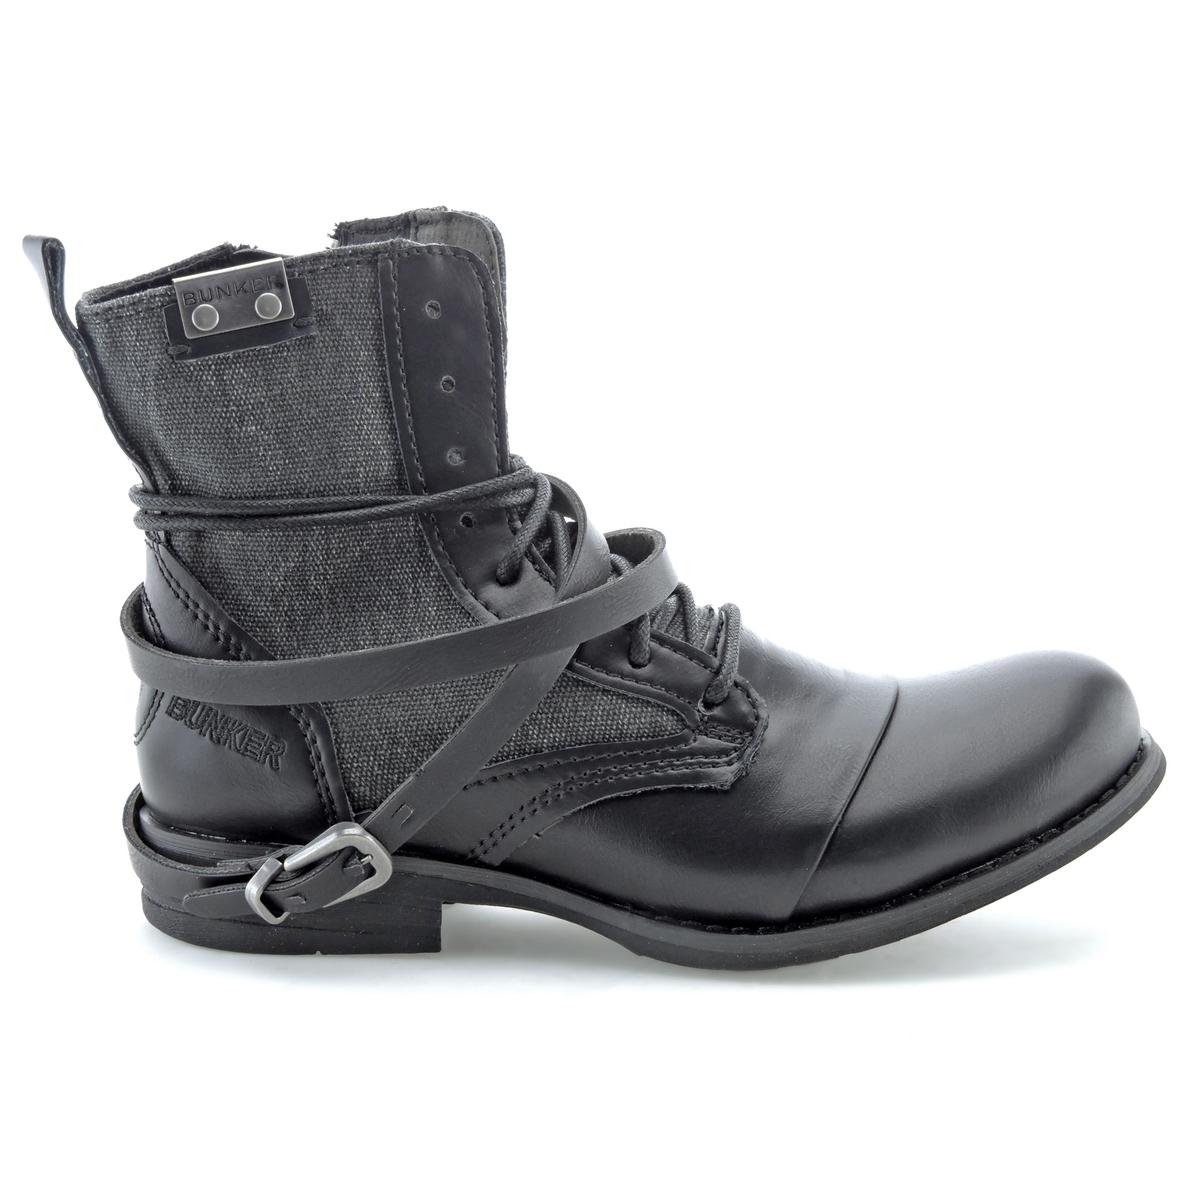 Ботильоны SaraВерх : синтетика   Подкладка : кожа   Стелька : кожа   Подошва : эластомер   Высота каблука : 2,5 см   Форма каблука : плоский каблук   Мысок : закругленный мысок  Застежка : молния<br><br>Цвет: черный<br>Размер: 37